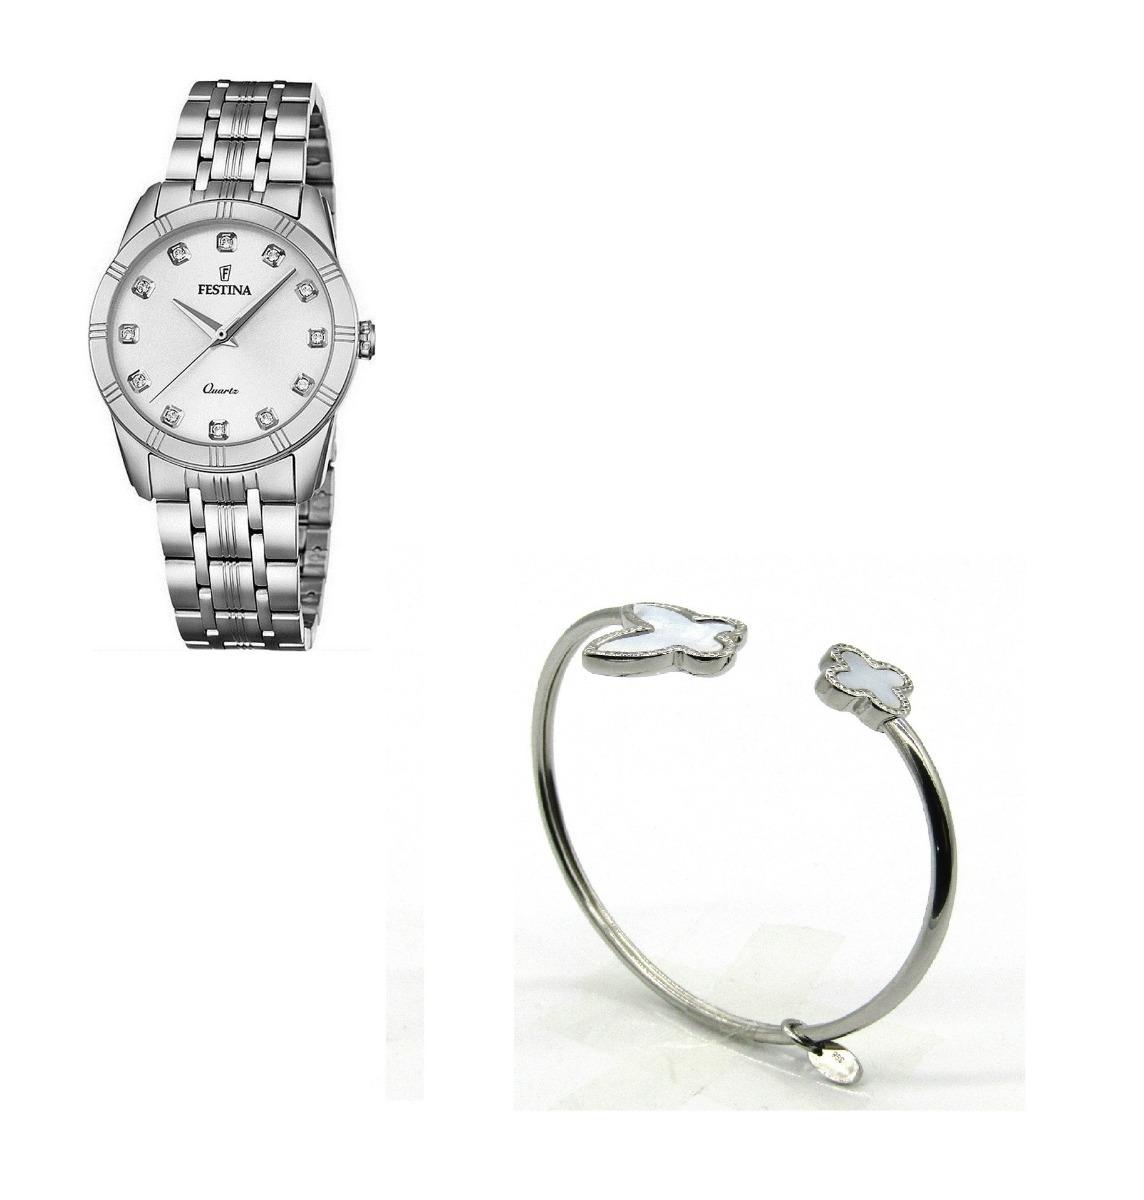 reloj festina swarovski f16940 1 + regalo agente oficial. Cargando zoom. 7af90c1d3e8d